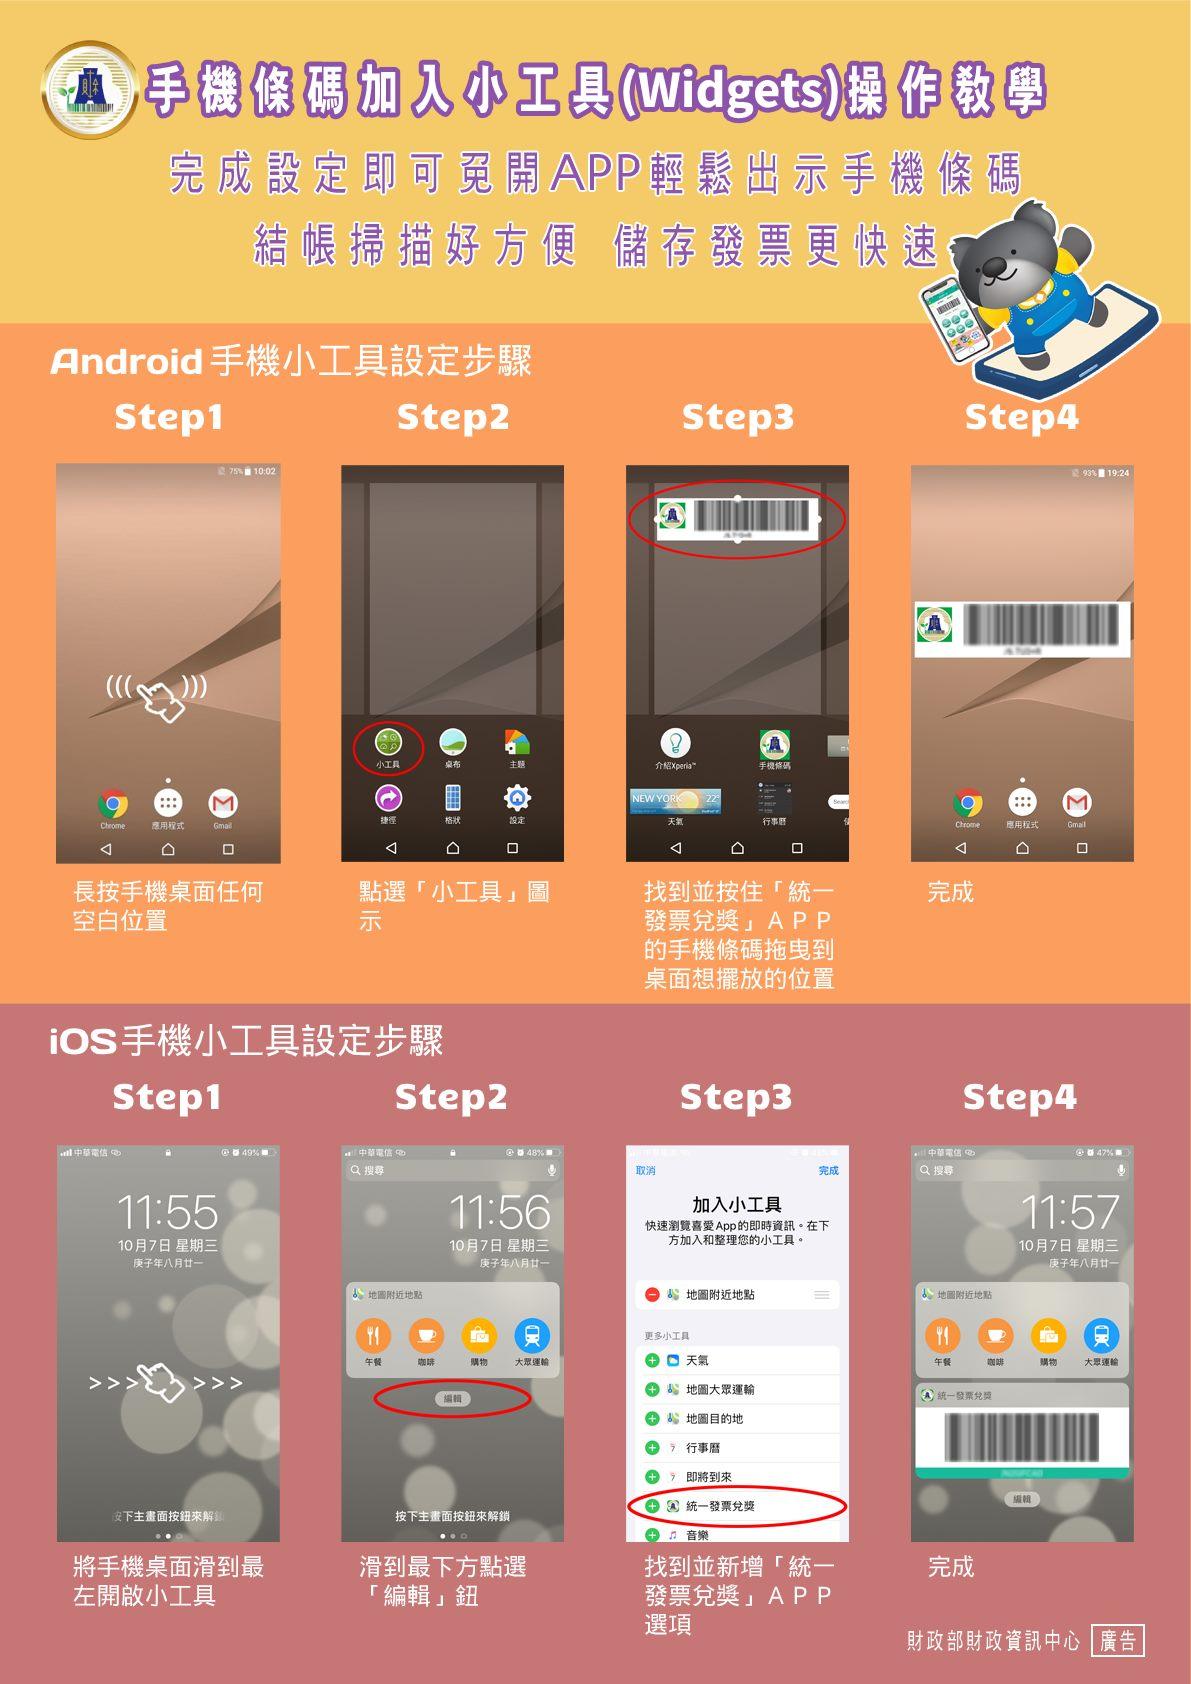 手機小工具(Widgets)功能顯示手機條碼說明及操作圖示